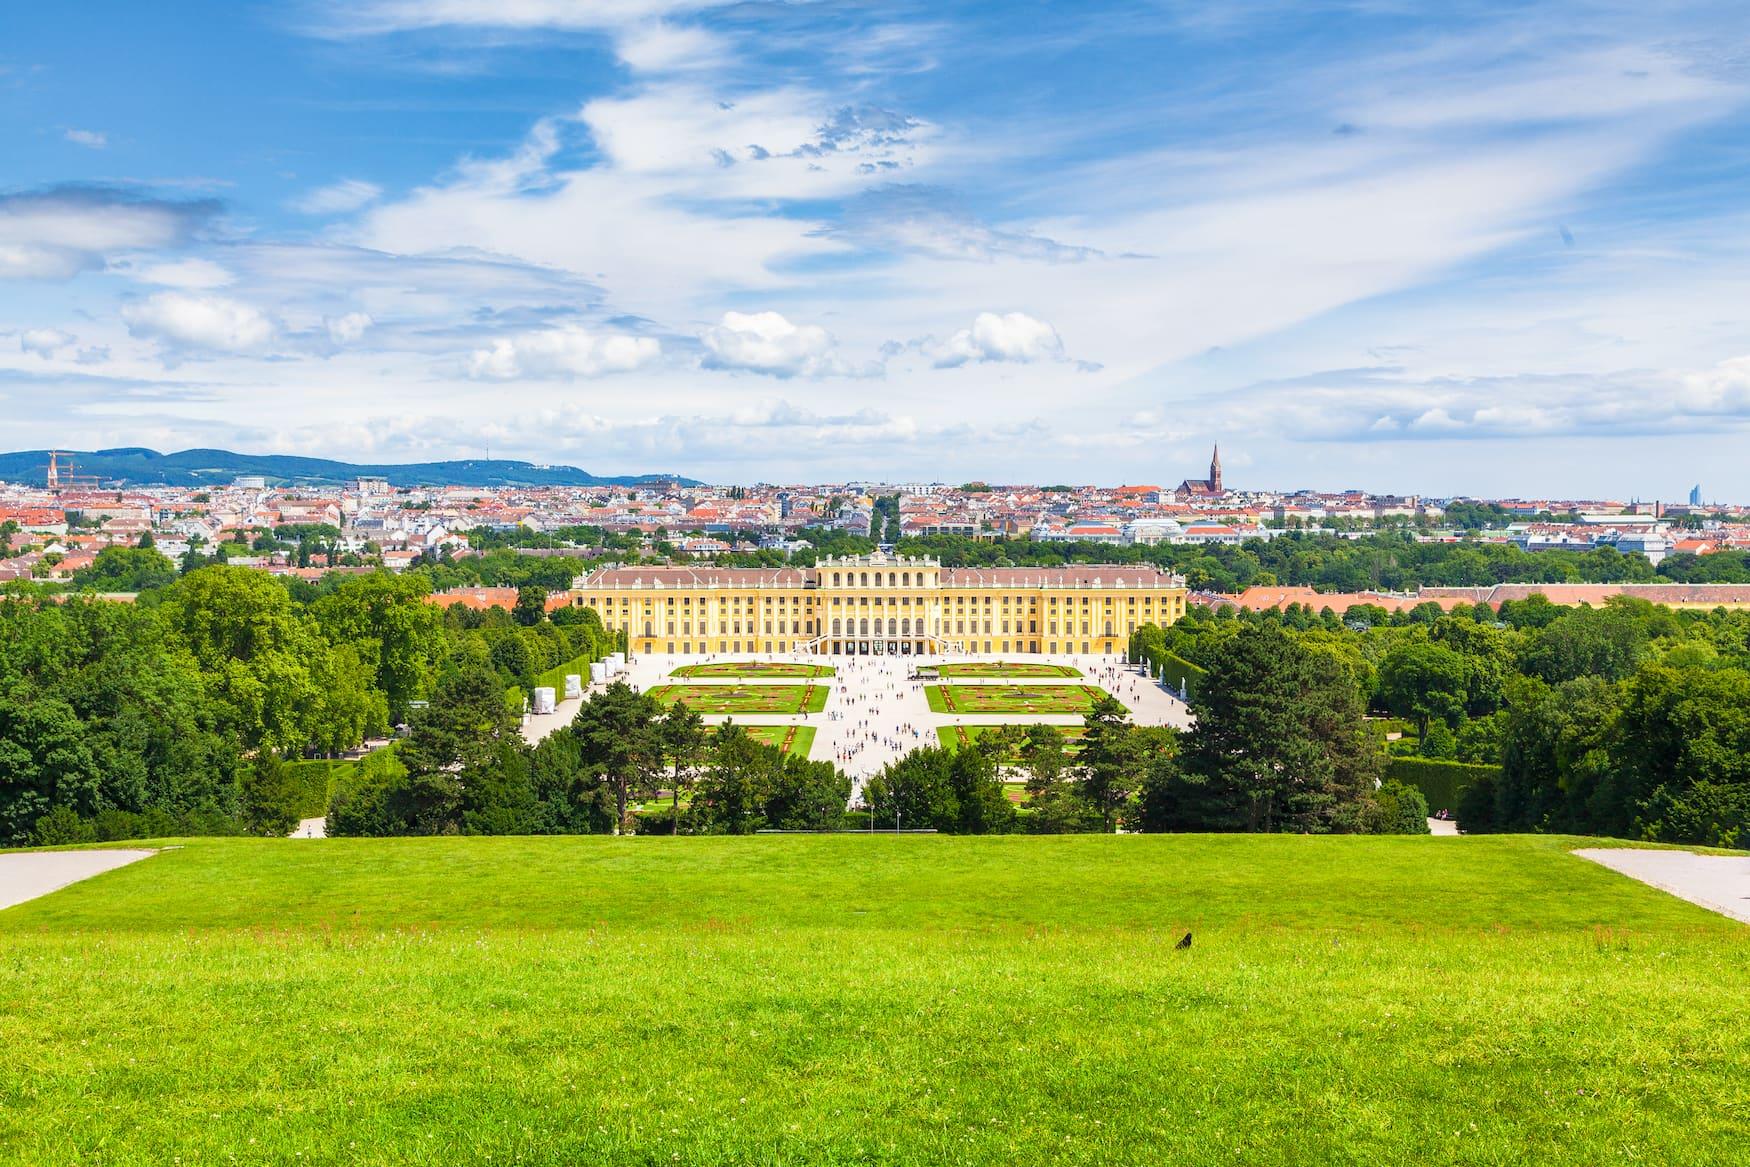 Aussichtspunkt mit Blick auf den Schlosspark Schönbrunn in Wien